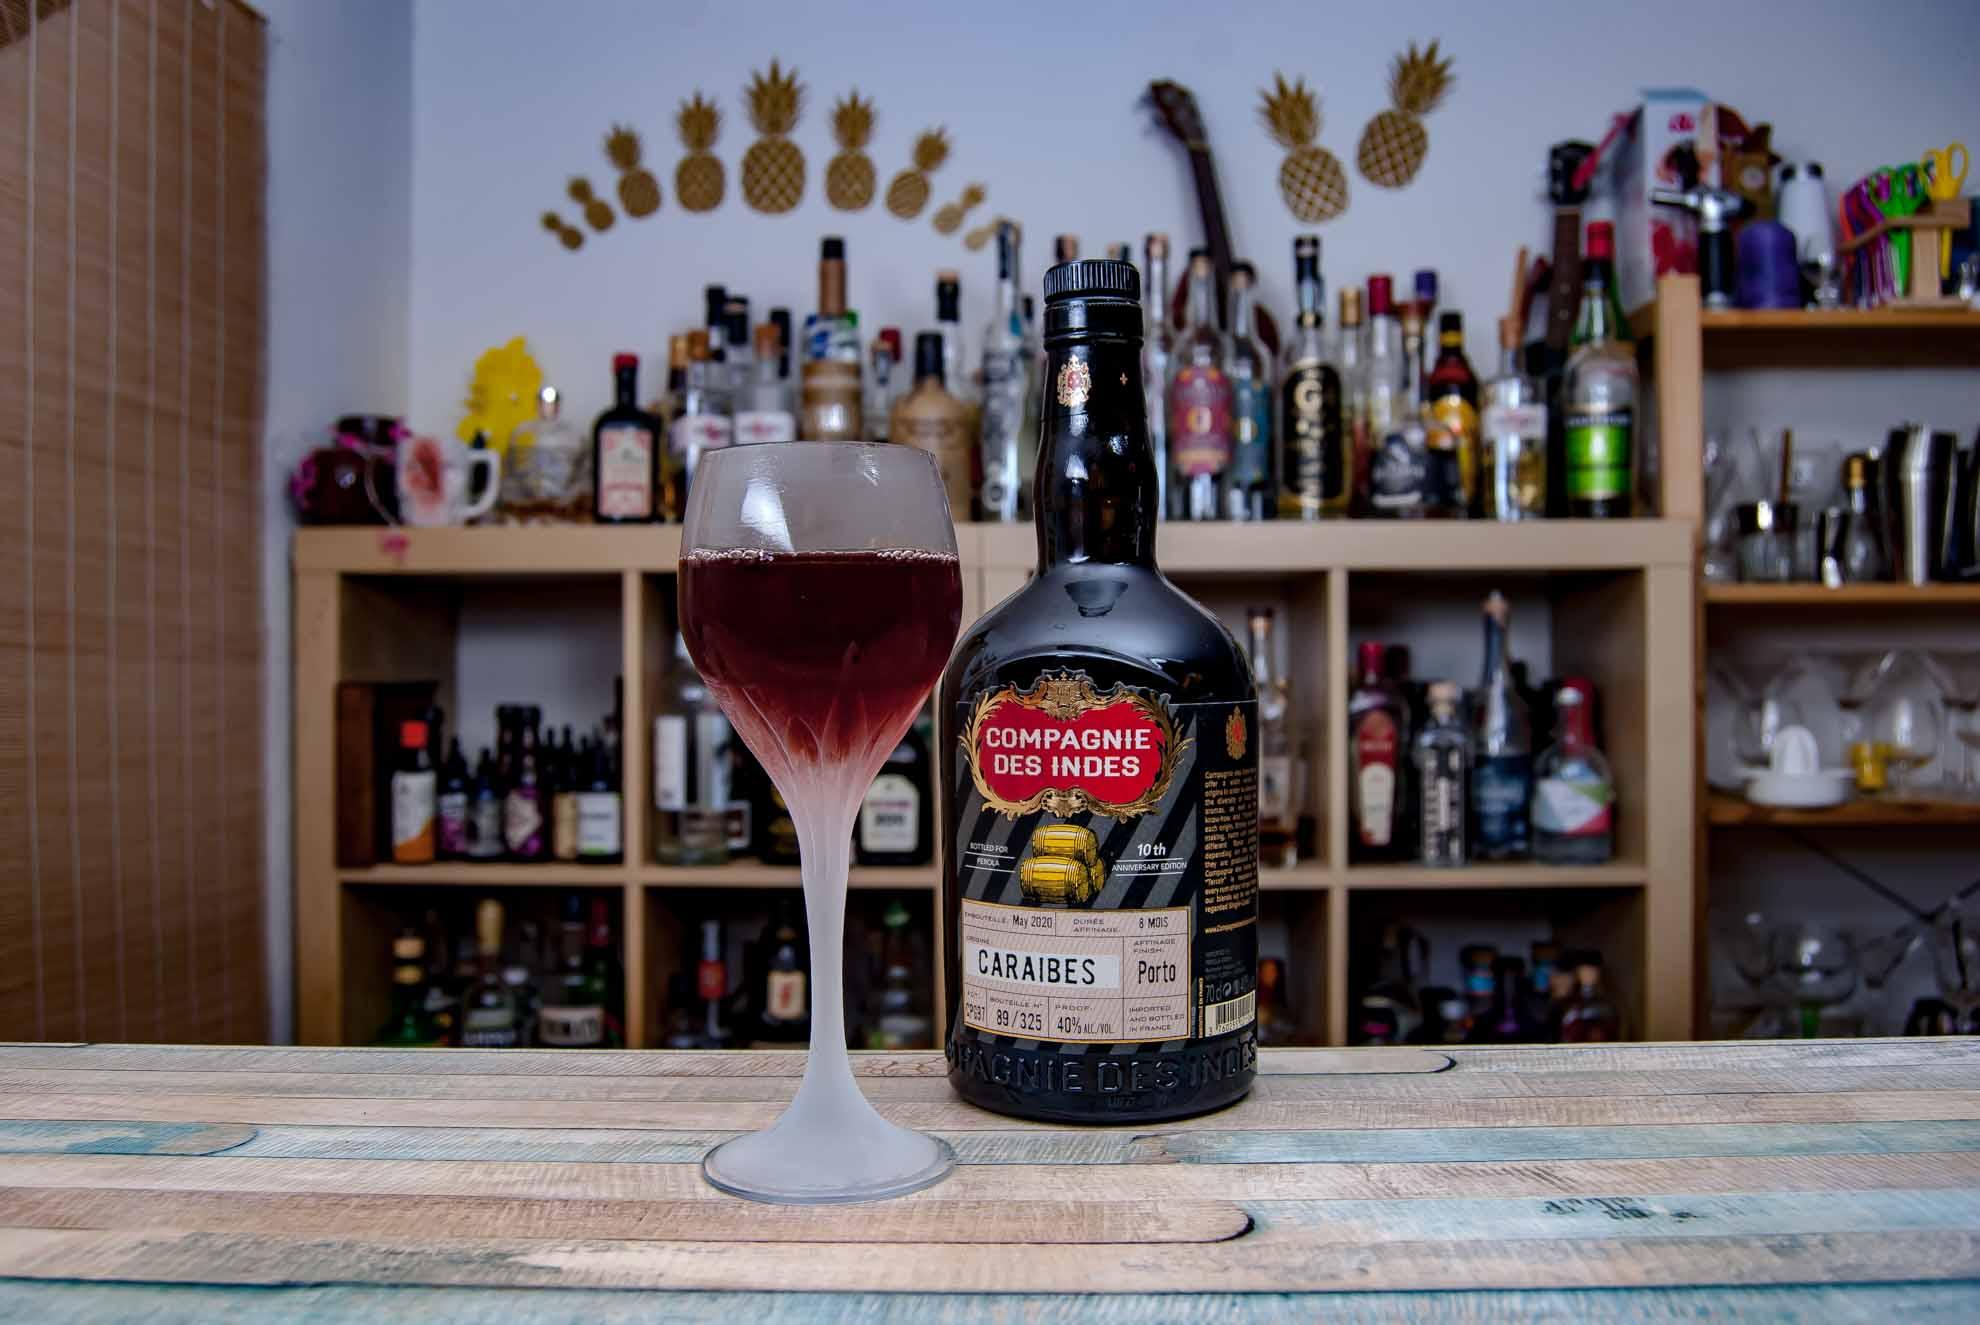 Der Rum & Port mit dem Compagnie des Indes Caraibes Port Cask Finish war schon gut - die Chinato-Variante noch einen Ticken besser.